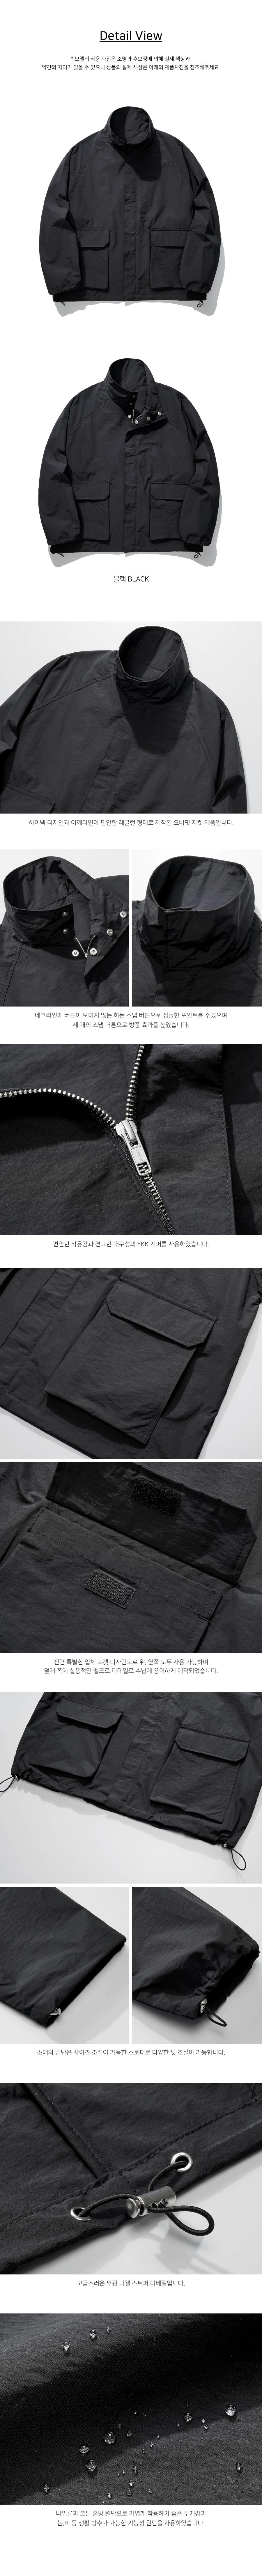 YHJK2270_detail_black_kj.jpg